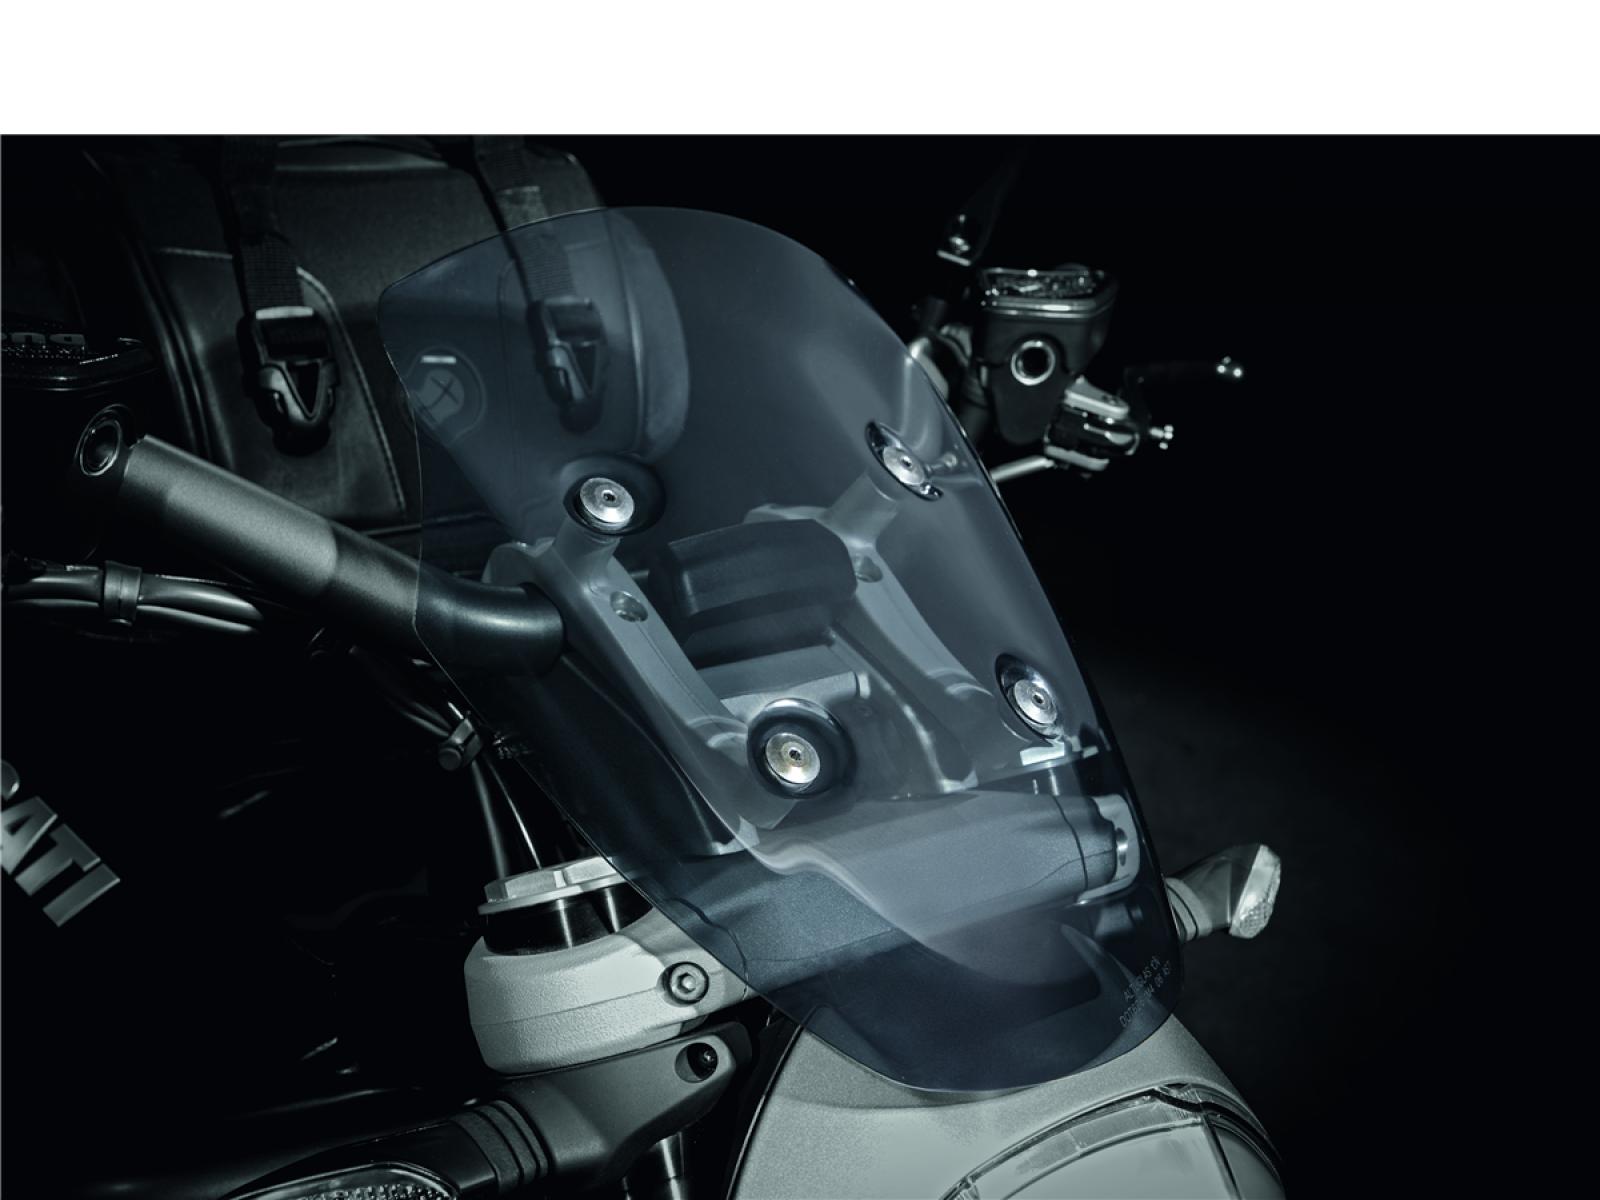 Стекло ветровое для Ducati XDiavel 16-17, XDiavel S 16-17